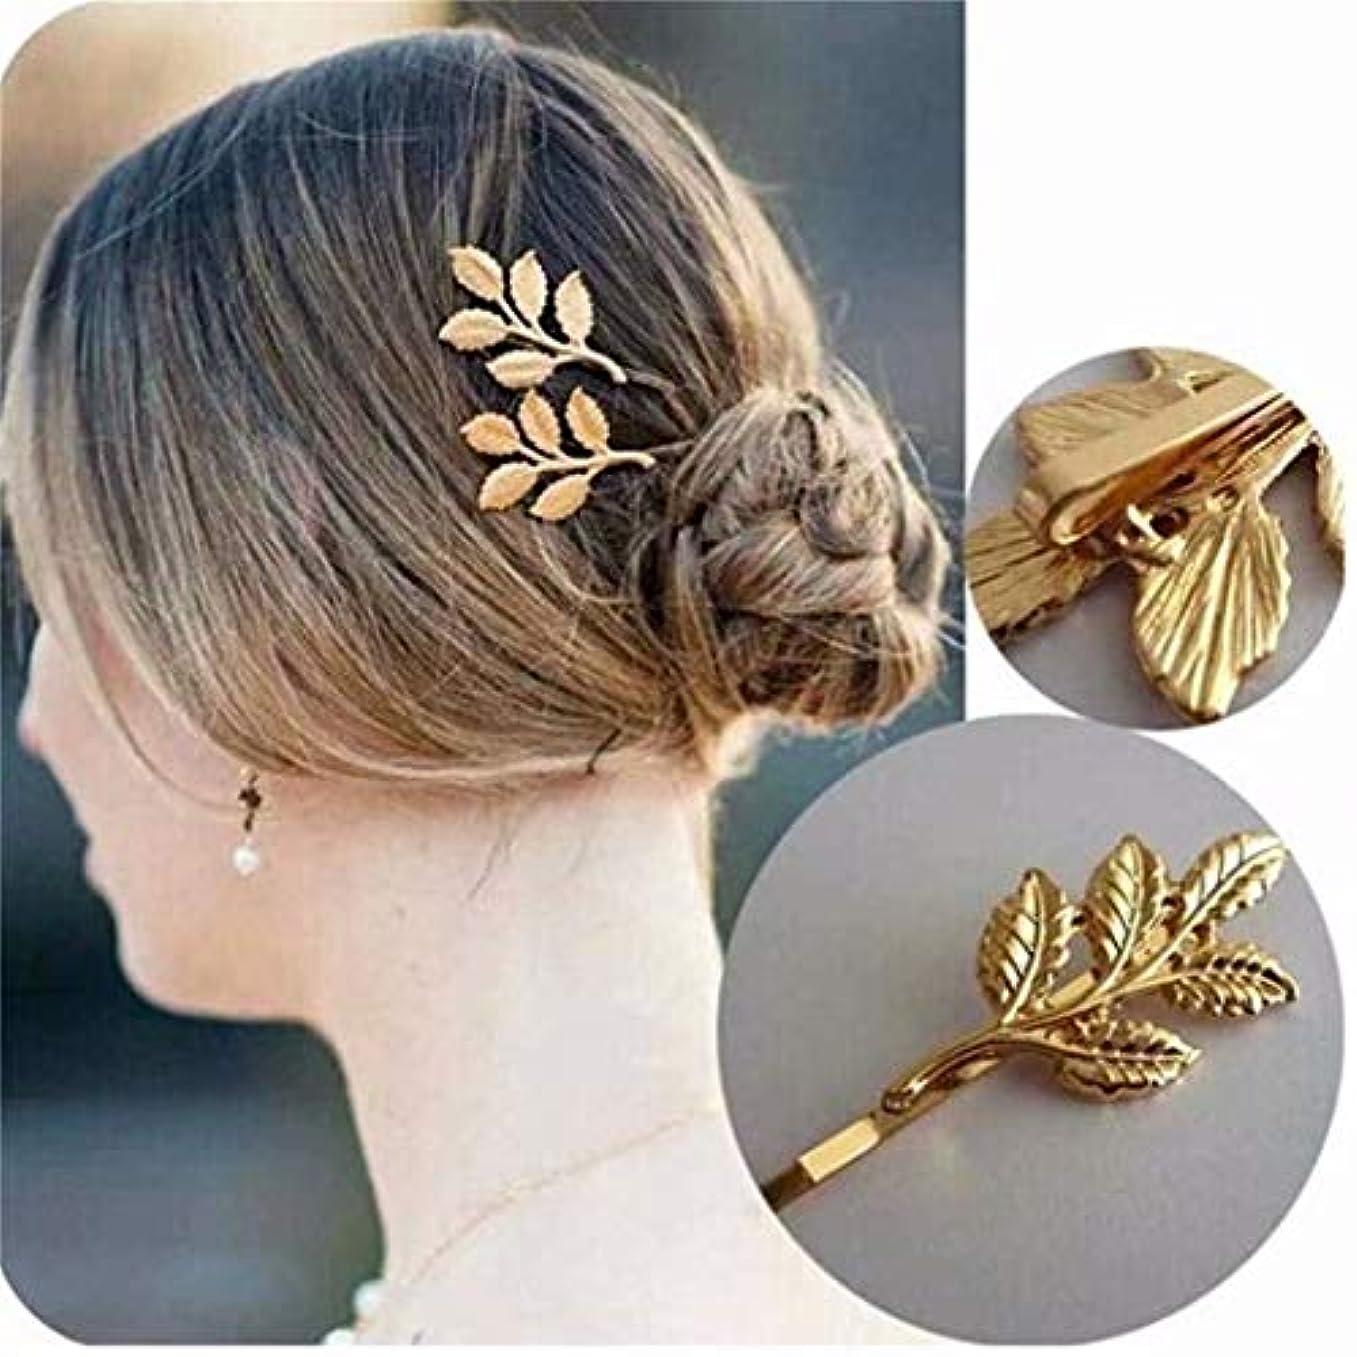 買う多くの危険がある状況冒険七里の香 ヘアクリップ ヘアピン 髪留め 木の葉 リーフの髪飾り ゴールド レディース アクセサリ エレガント 綺麗